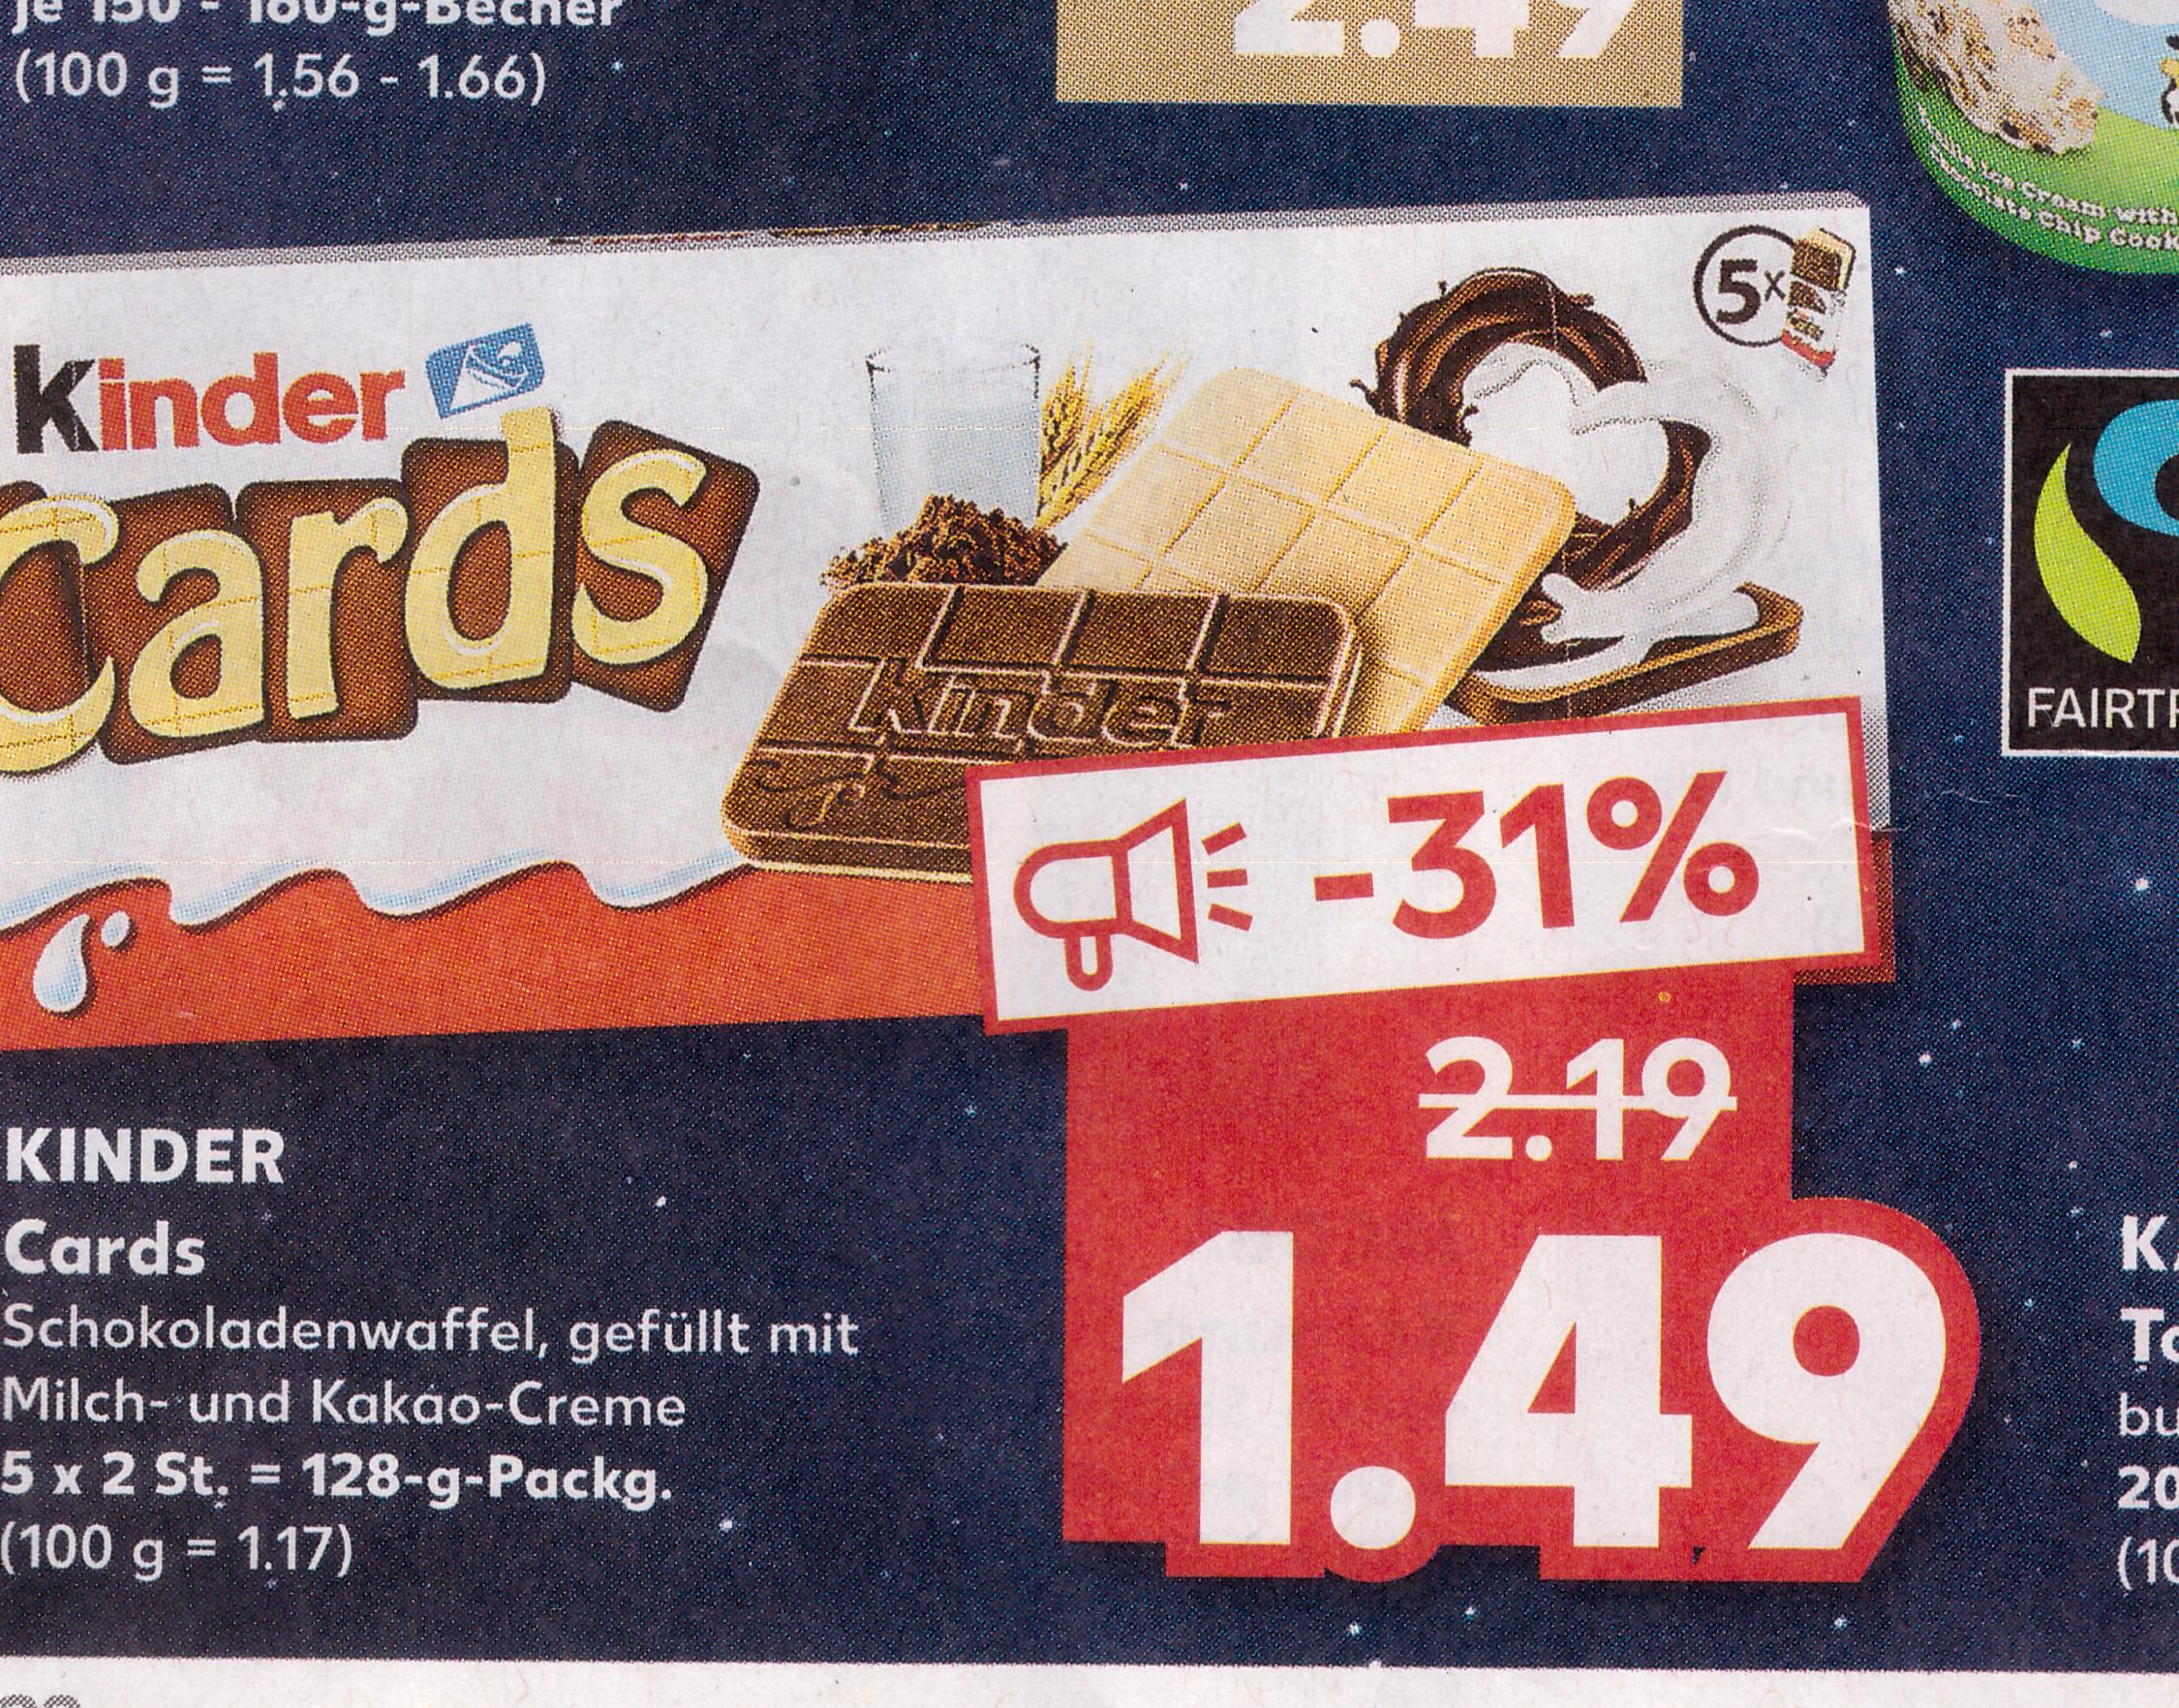 Kindercards im Kaufland für 0,99€ pro Stück möglich